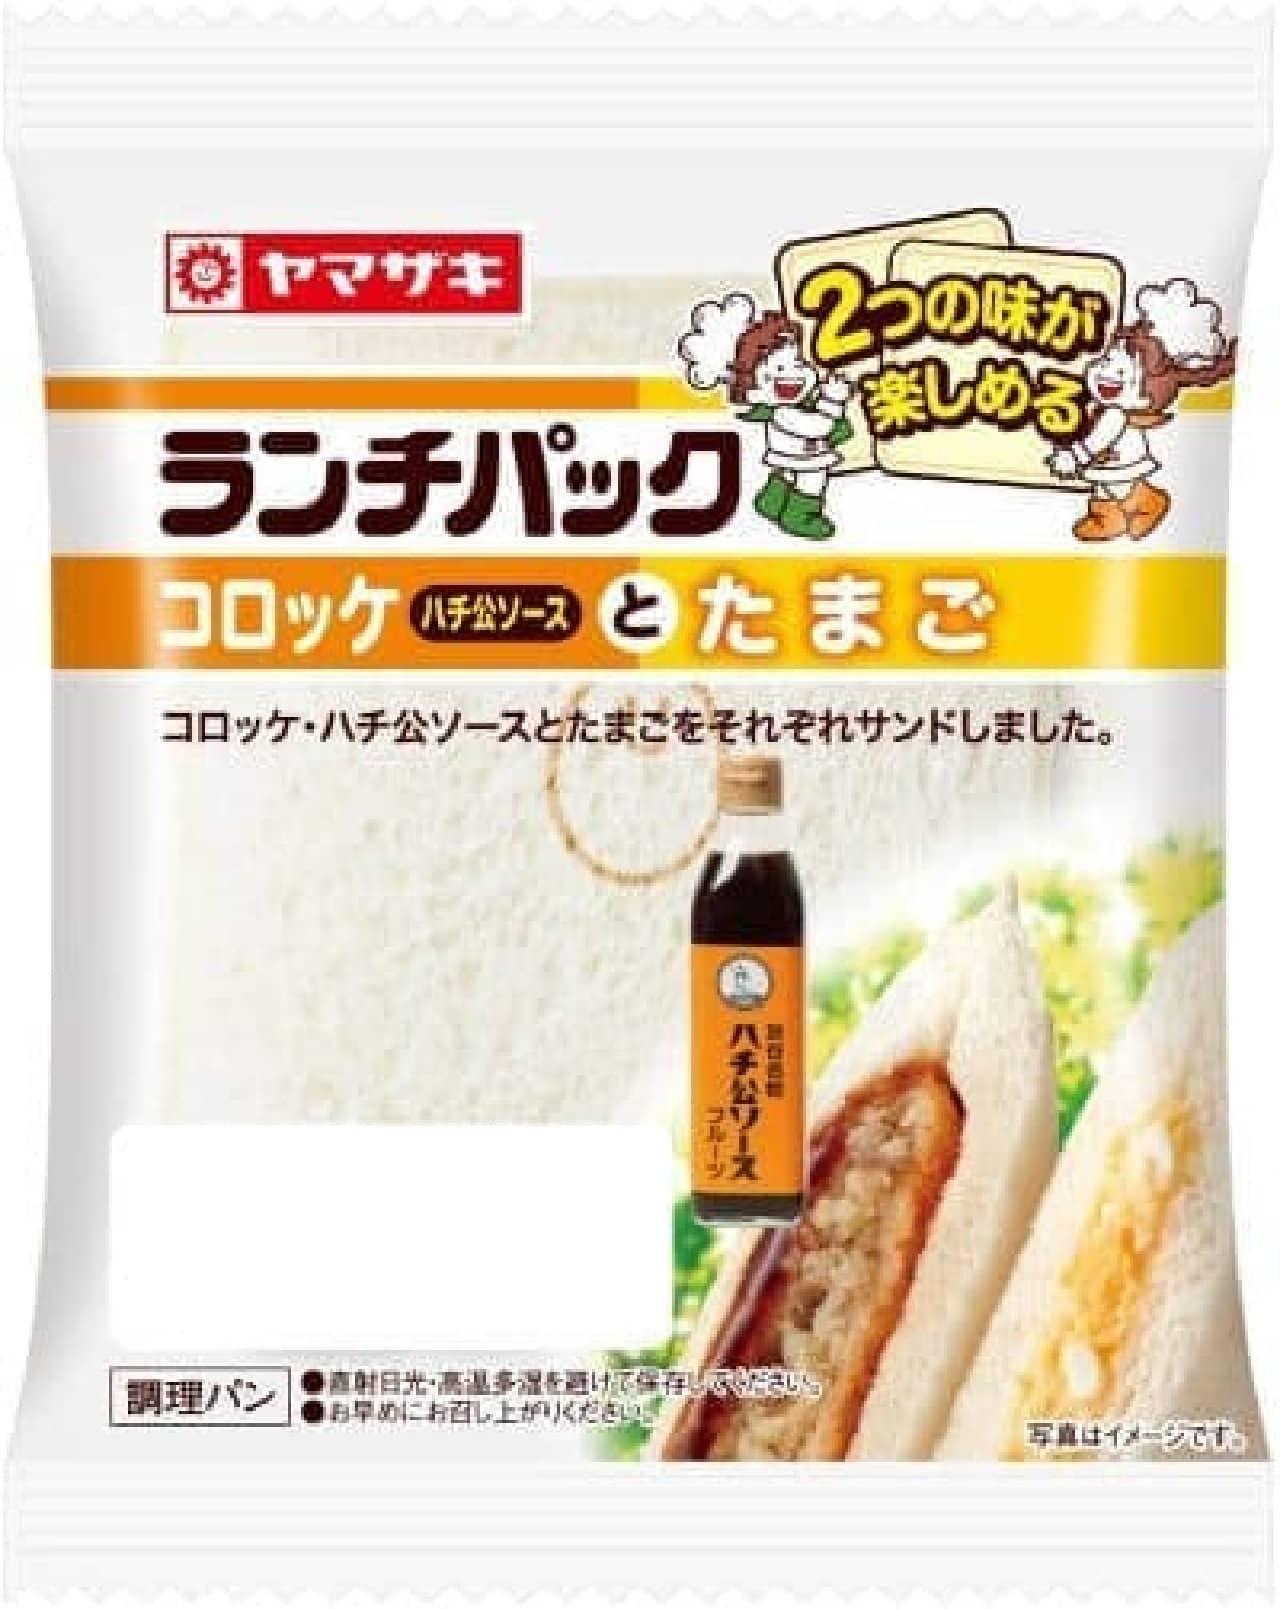 ヤマザキ「ランチパック(ハチ公ソースコロッケ&たまご)」